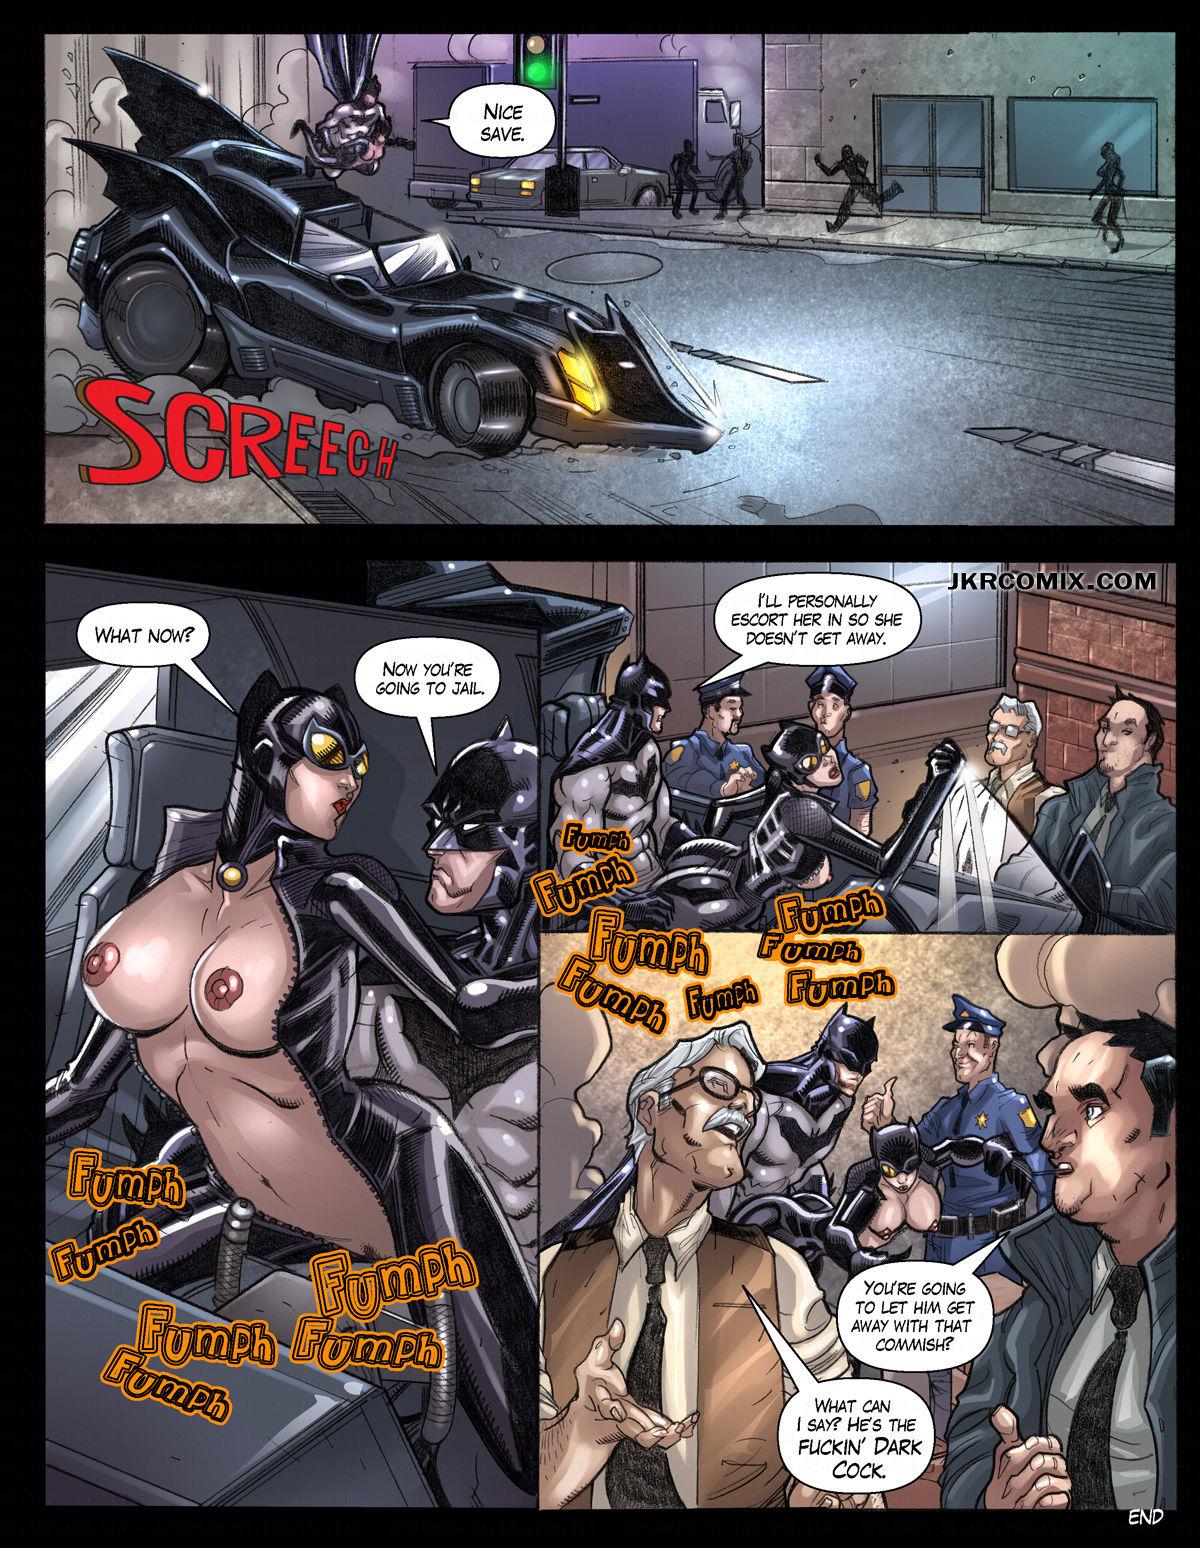 The dark cock rises porn comic picture 6